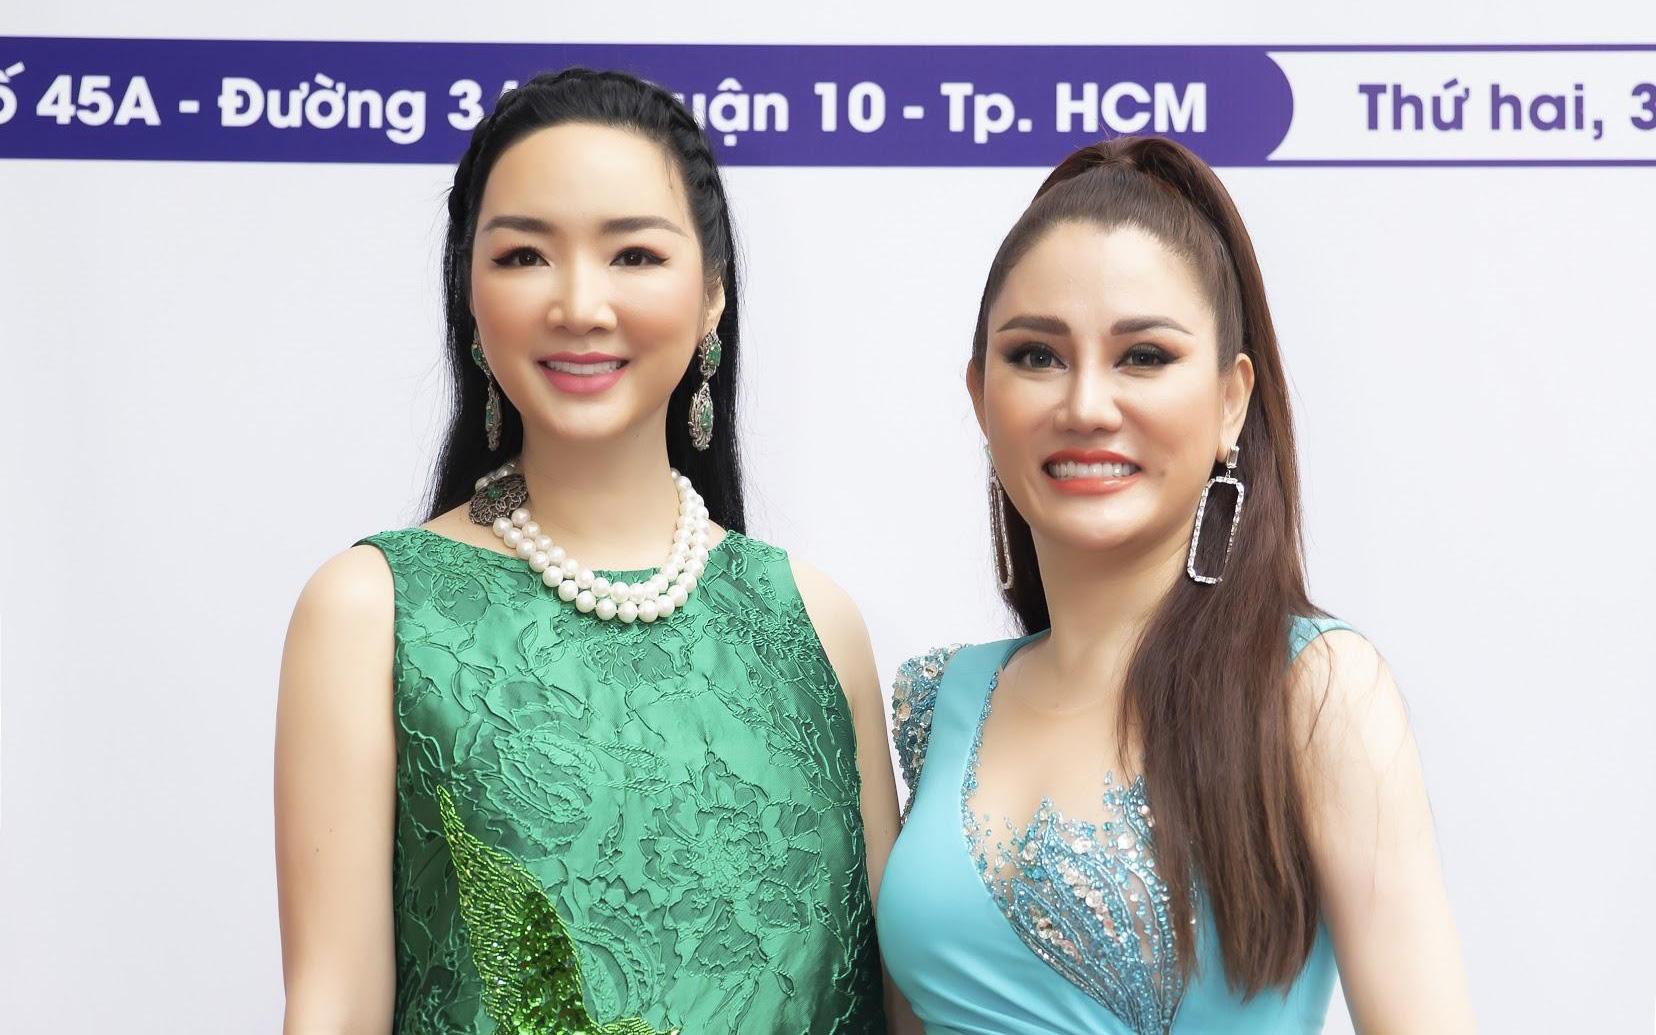 Vẻ đẹp lão hóa ngược của Hoa hậu Xuân Hương